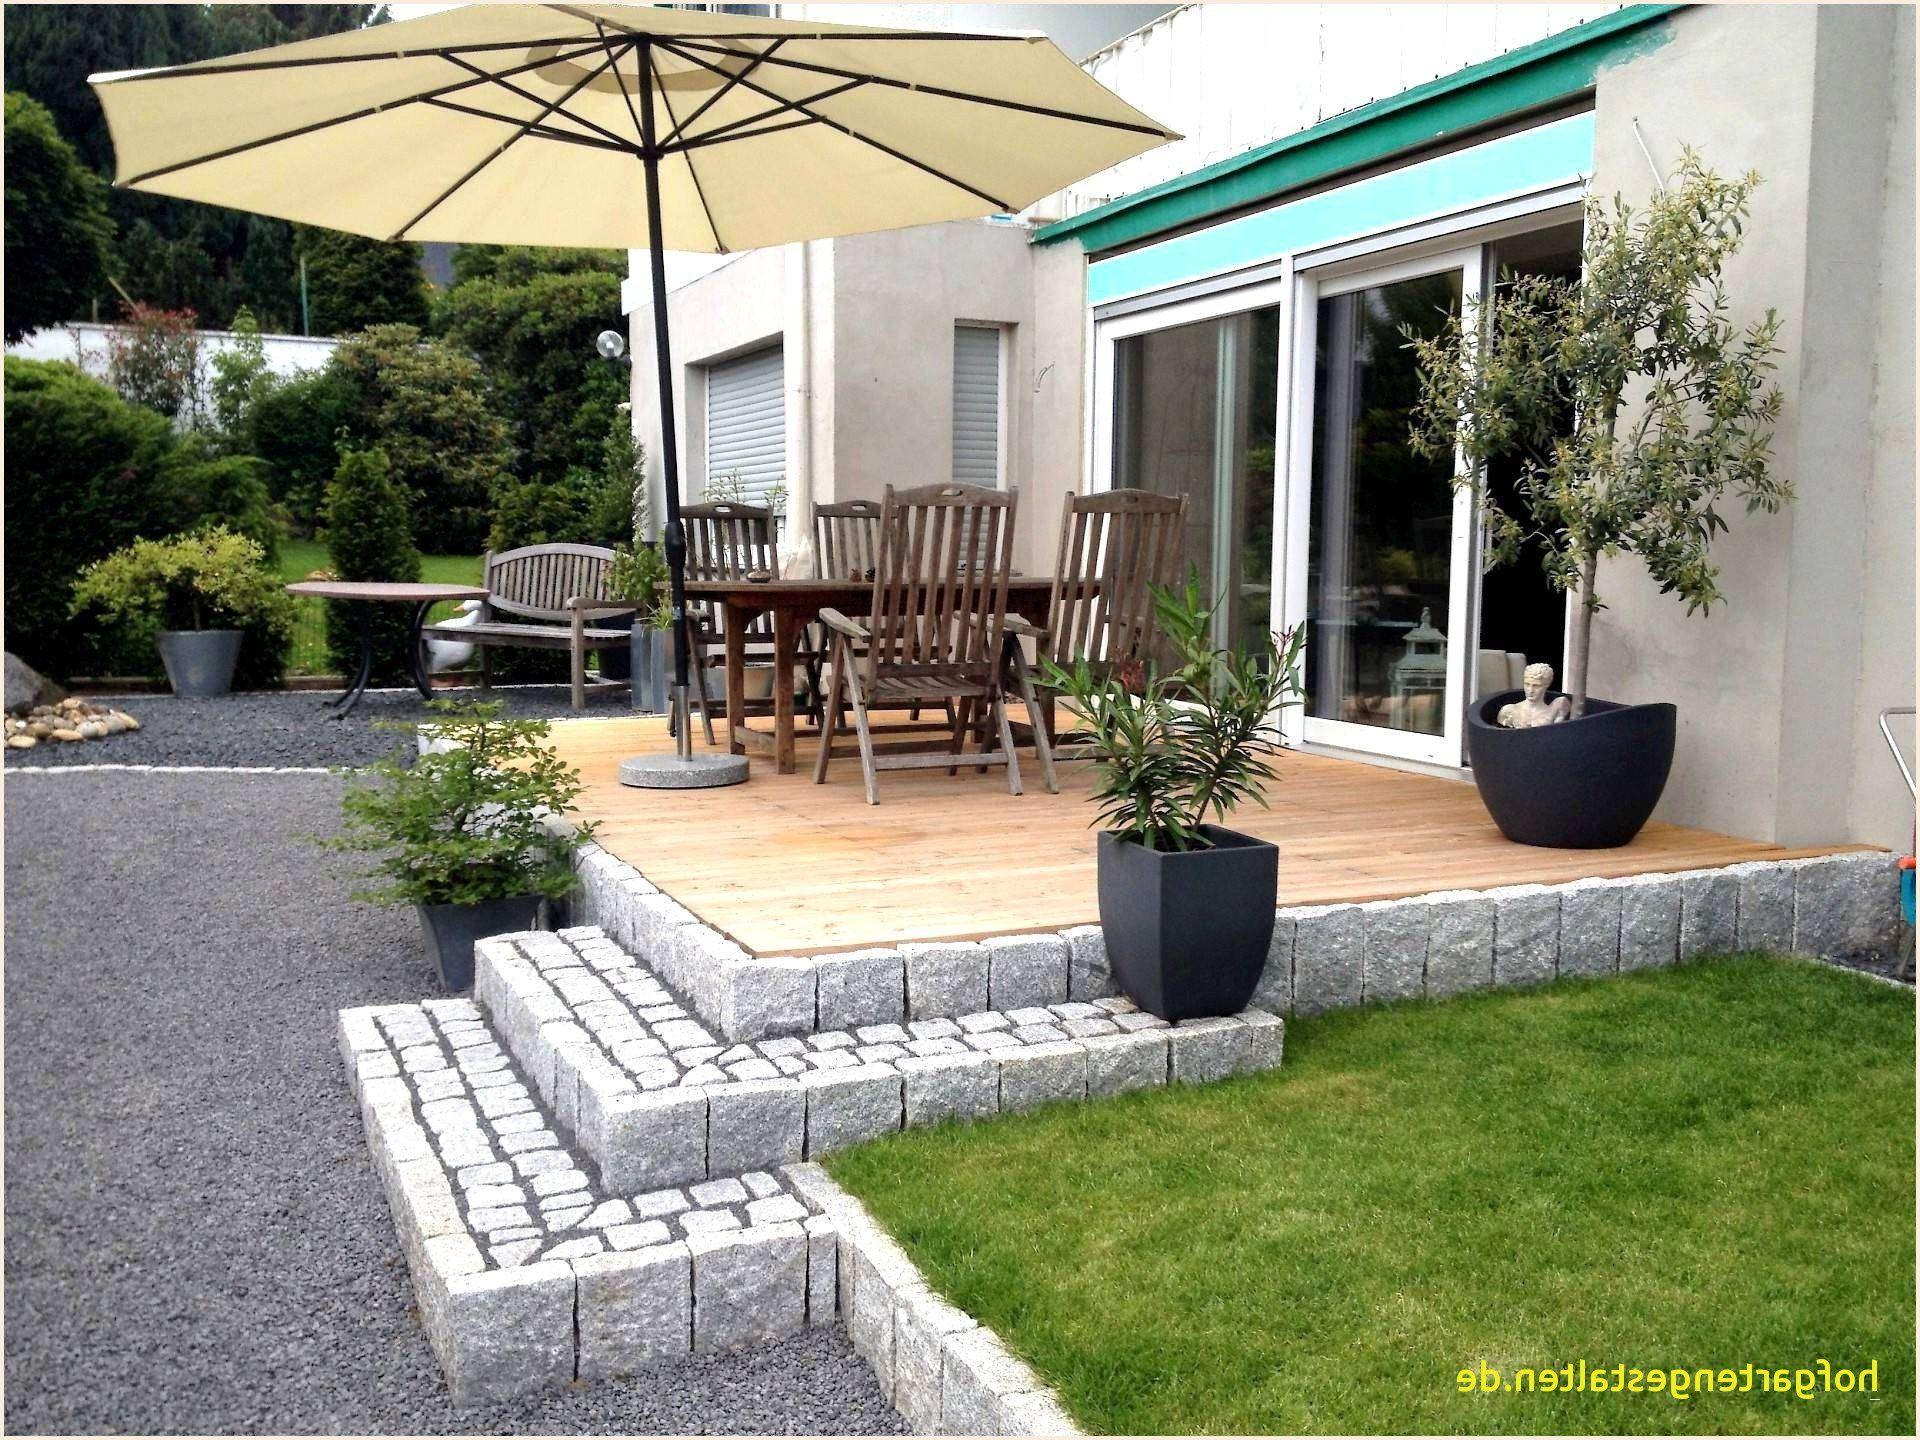 Lovely Schwimmpool Für Garten Home Ideas In 2019 Outdoor Decor